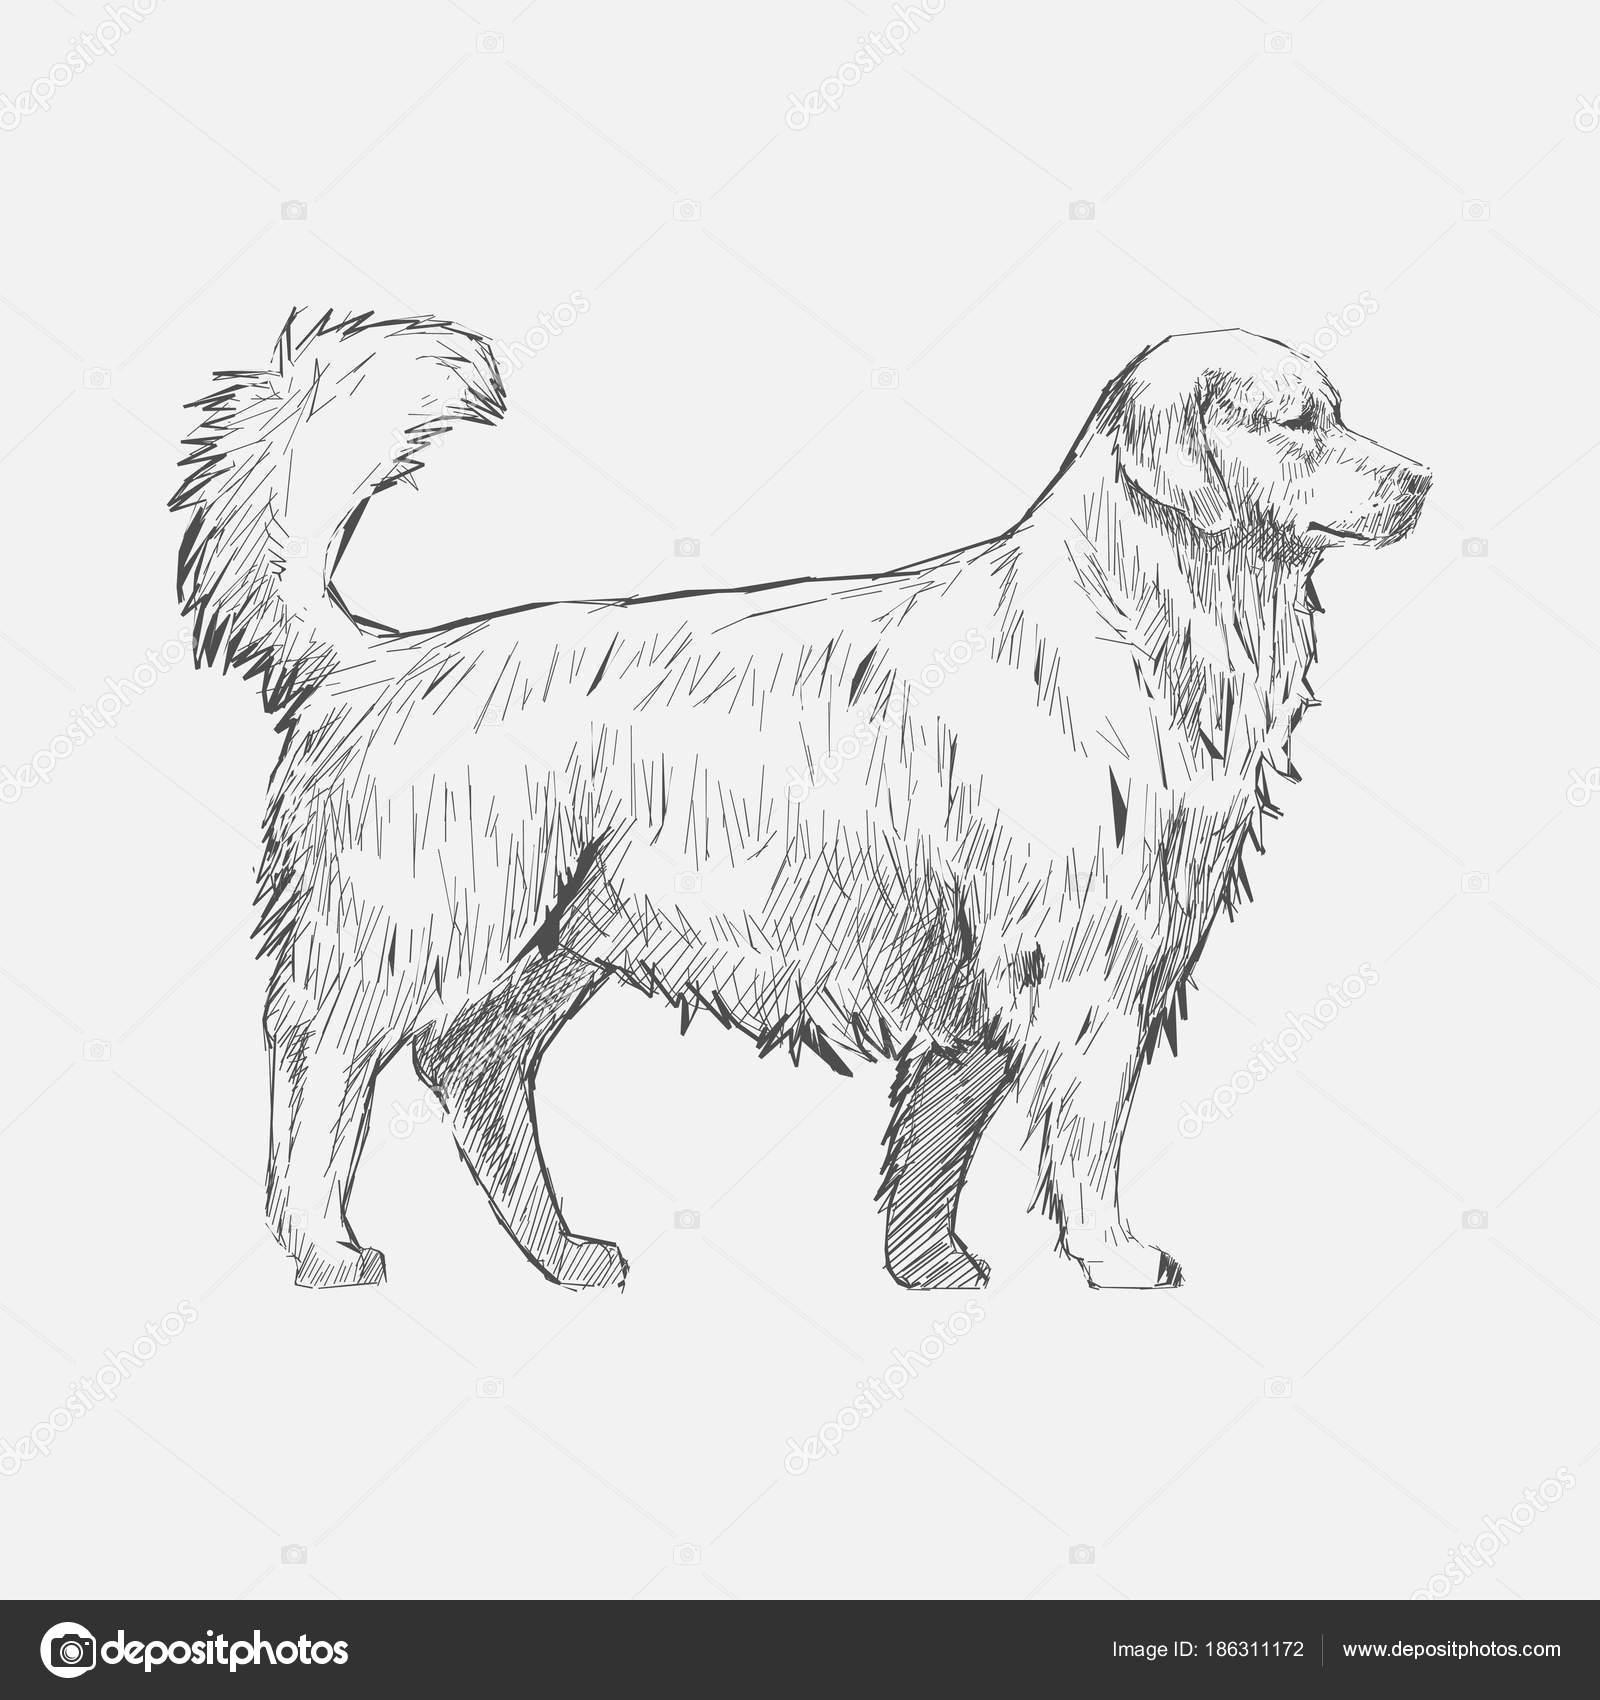 犬のイラストの描き方 ストック写真 Rawpixel 186311172